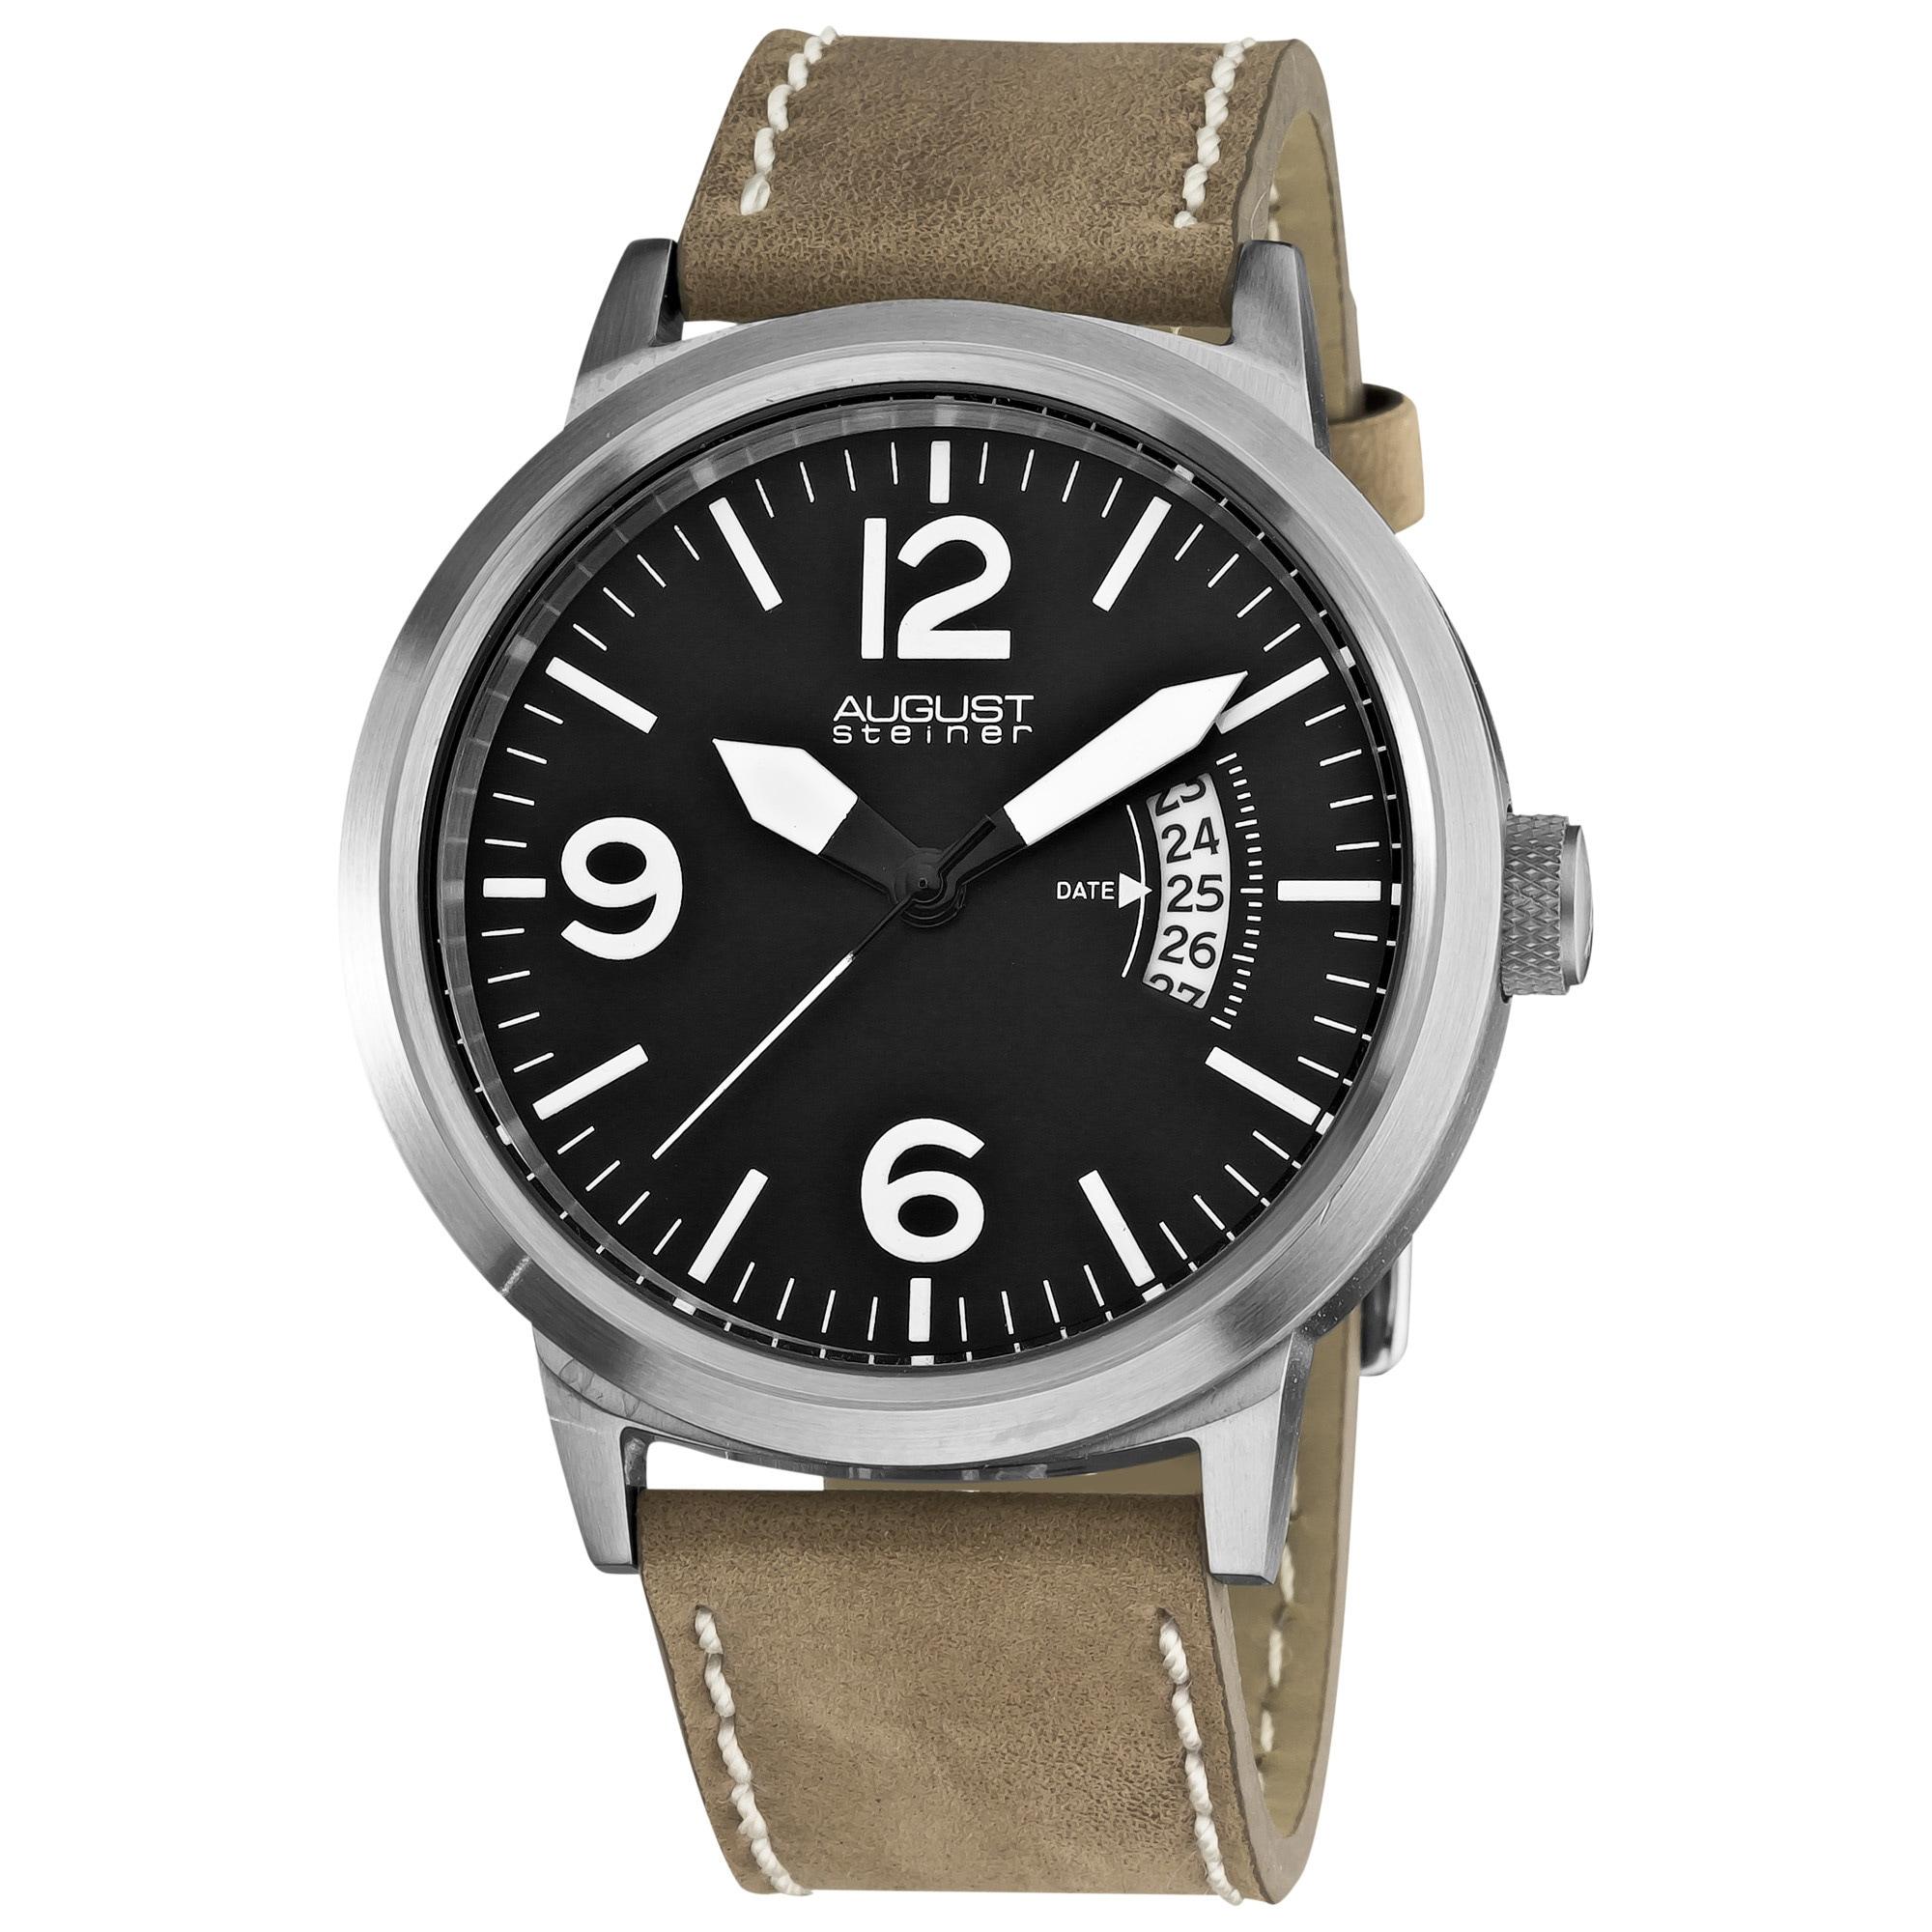 August Steiner Bright Men's Round Quartz White Watch, Bla...